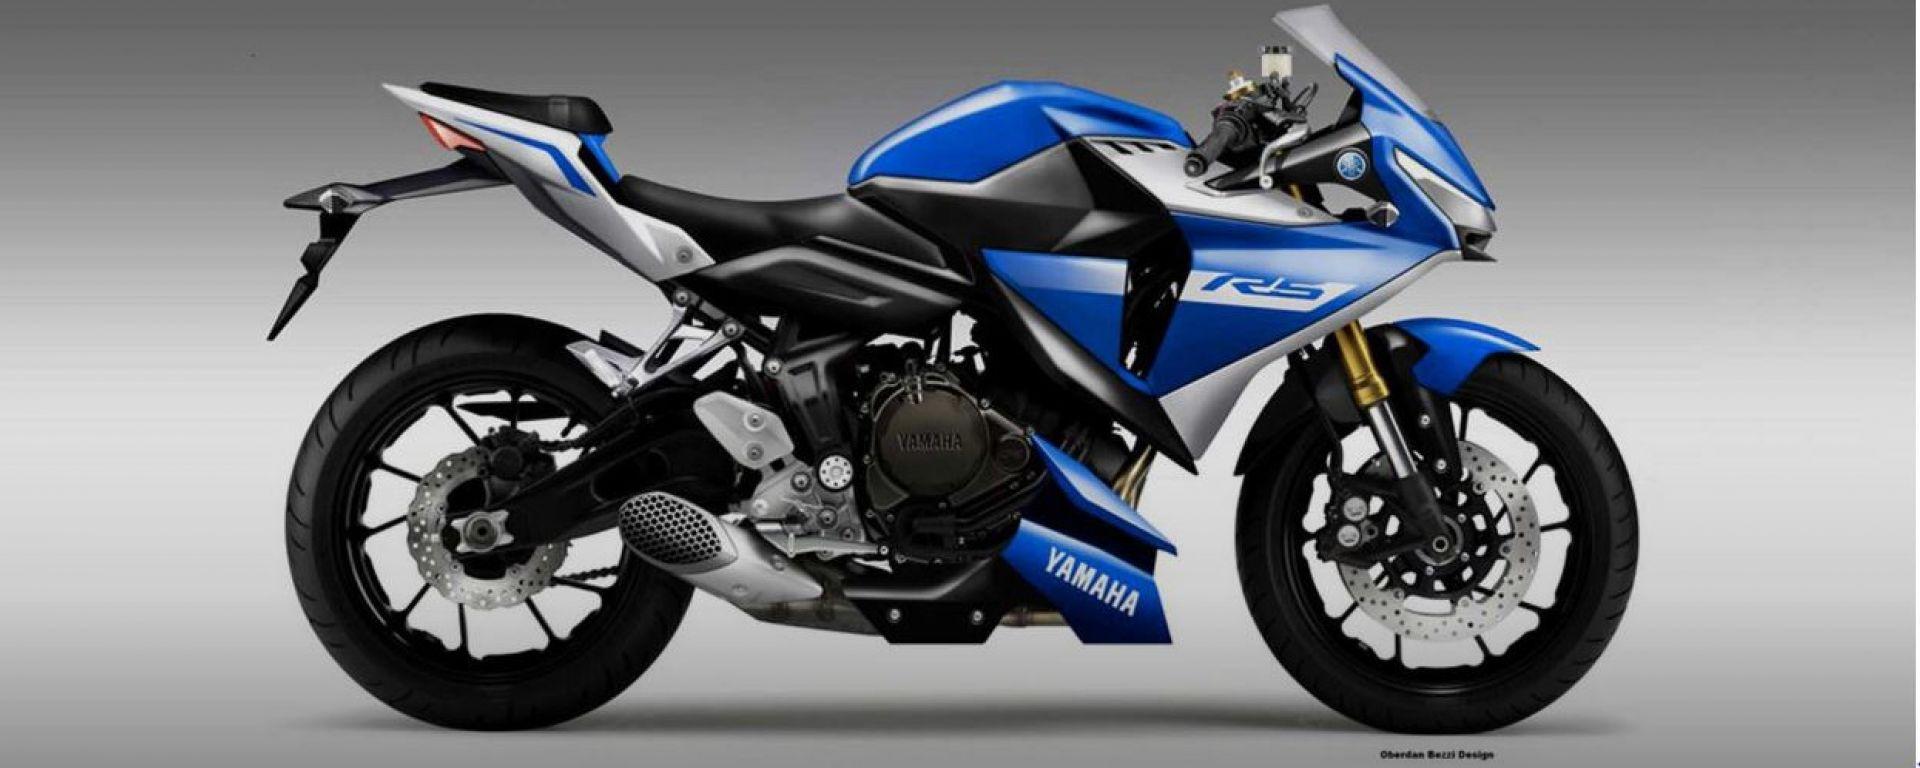 Yamaha R5 by Bezzi, tornano le sportive da 500 cc?